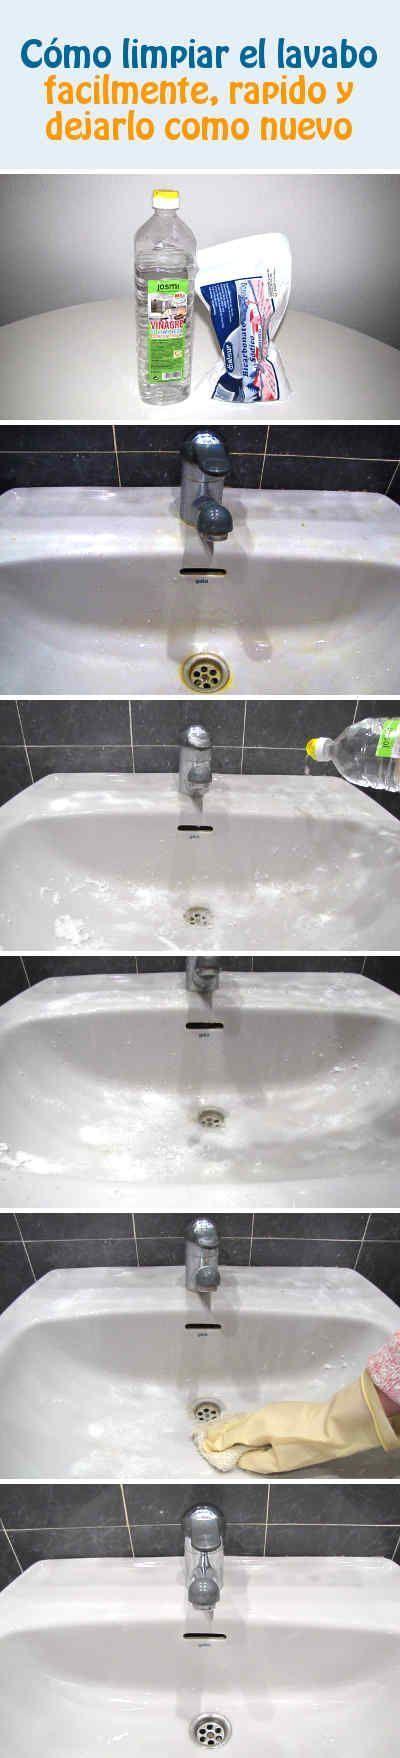 Cómo limpiar el lavabo facilmente, rapido y dejarlo como nuevo #baño #lavabo #limpieza #tips #DIY